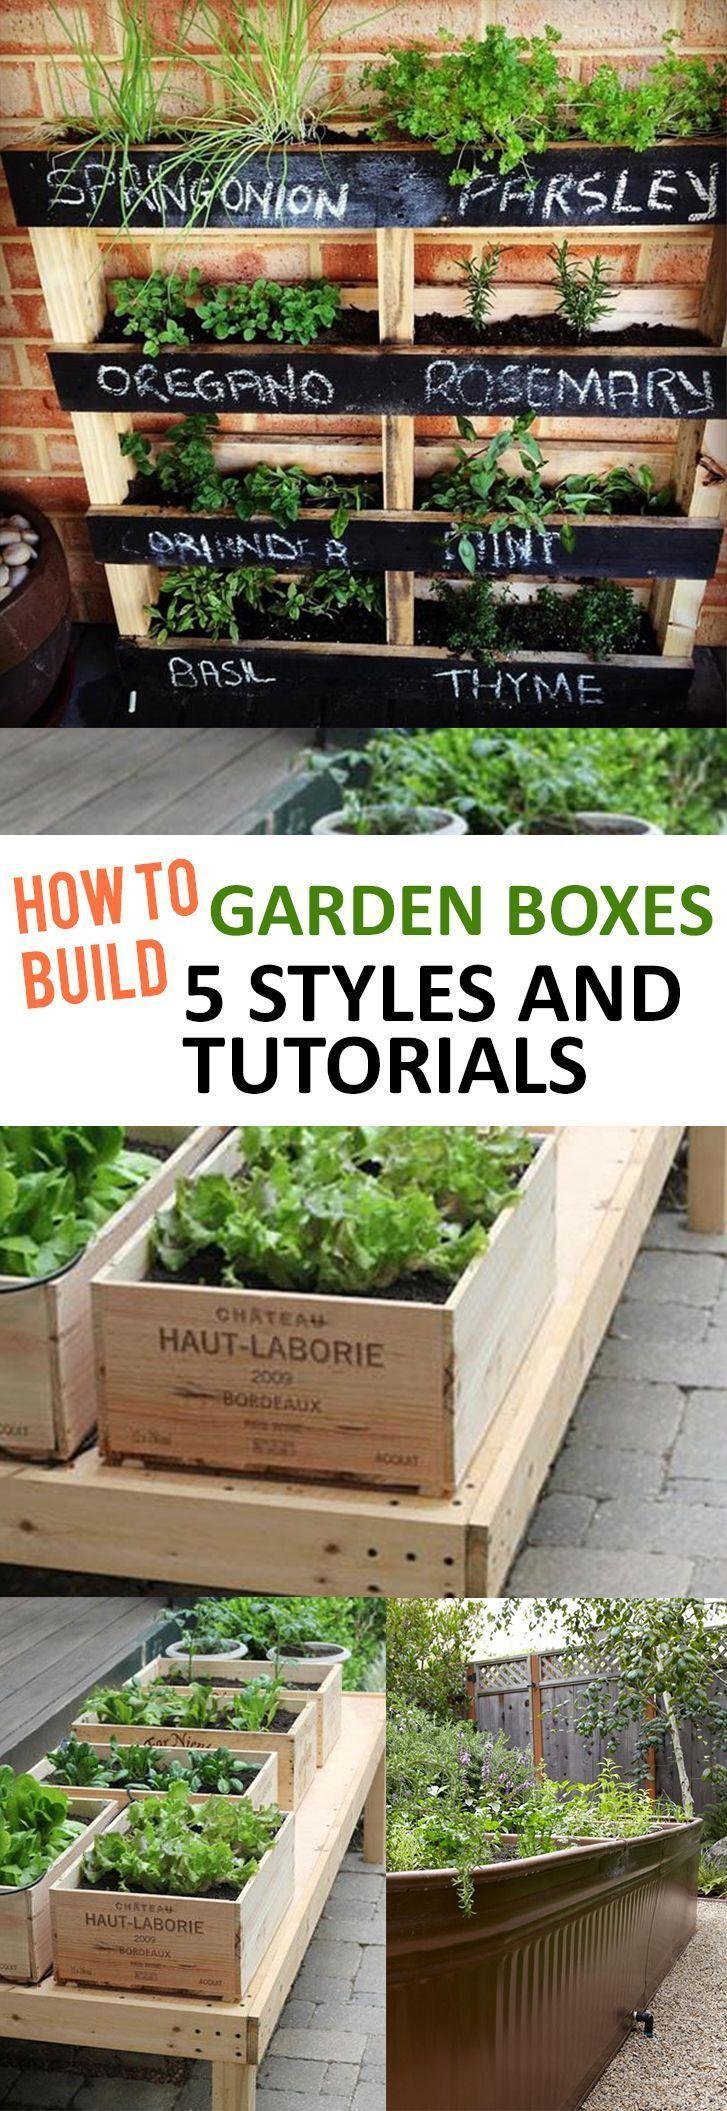 Gartenarbeit, Hausgarten, Gartenhacks, Gartentipps